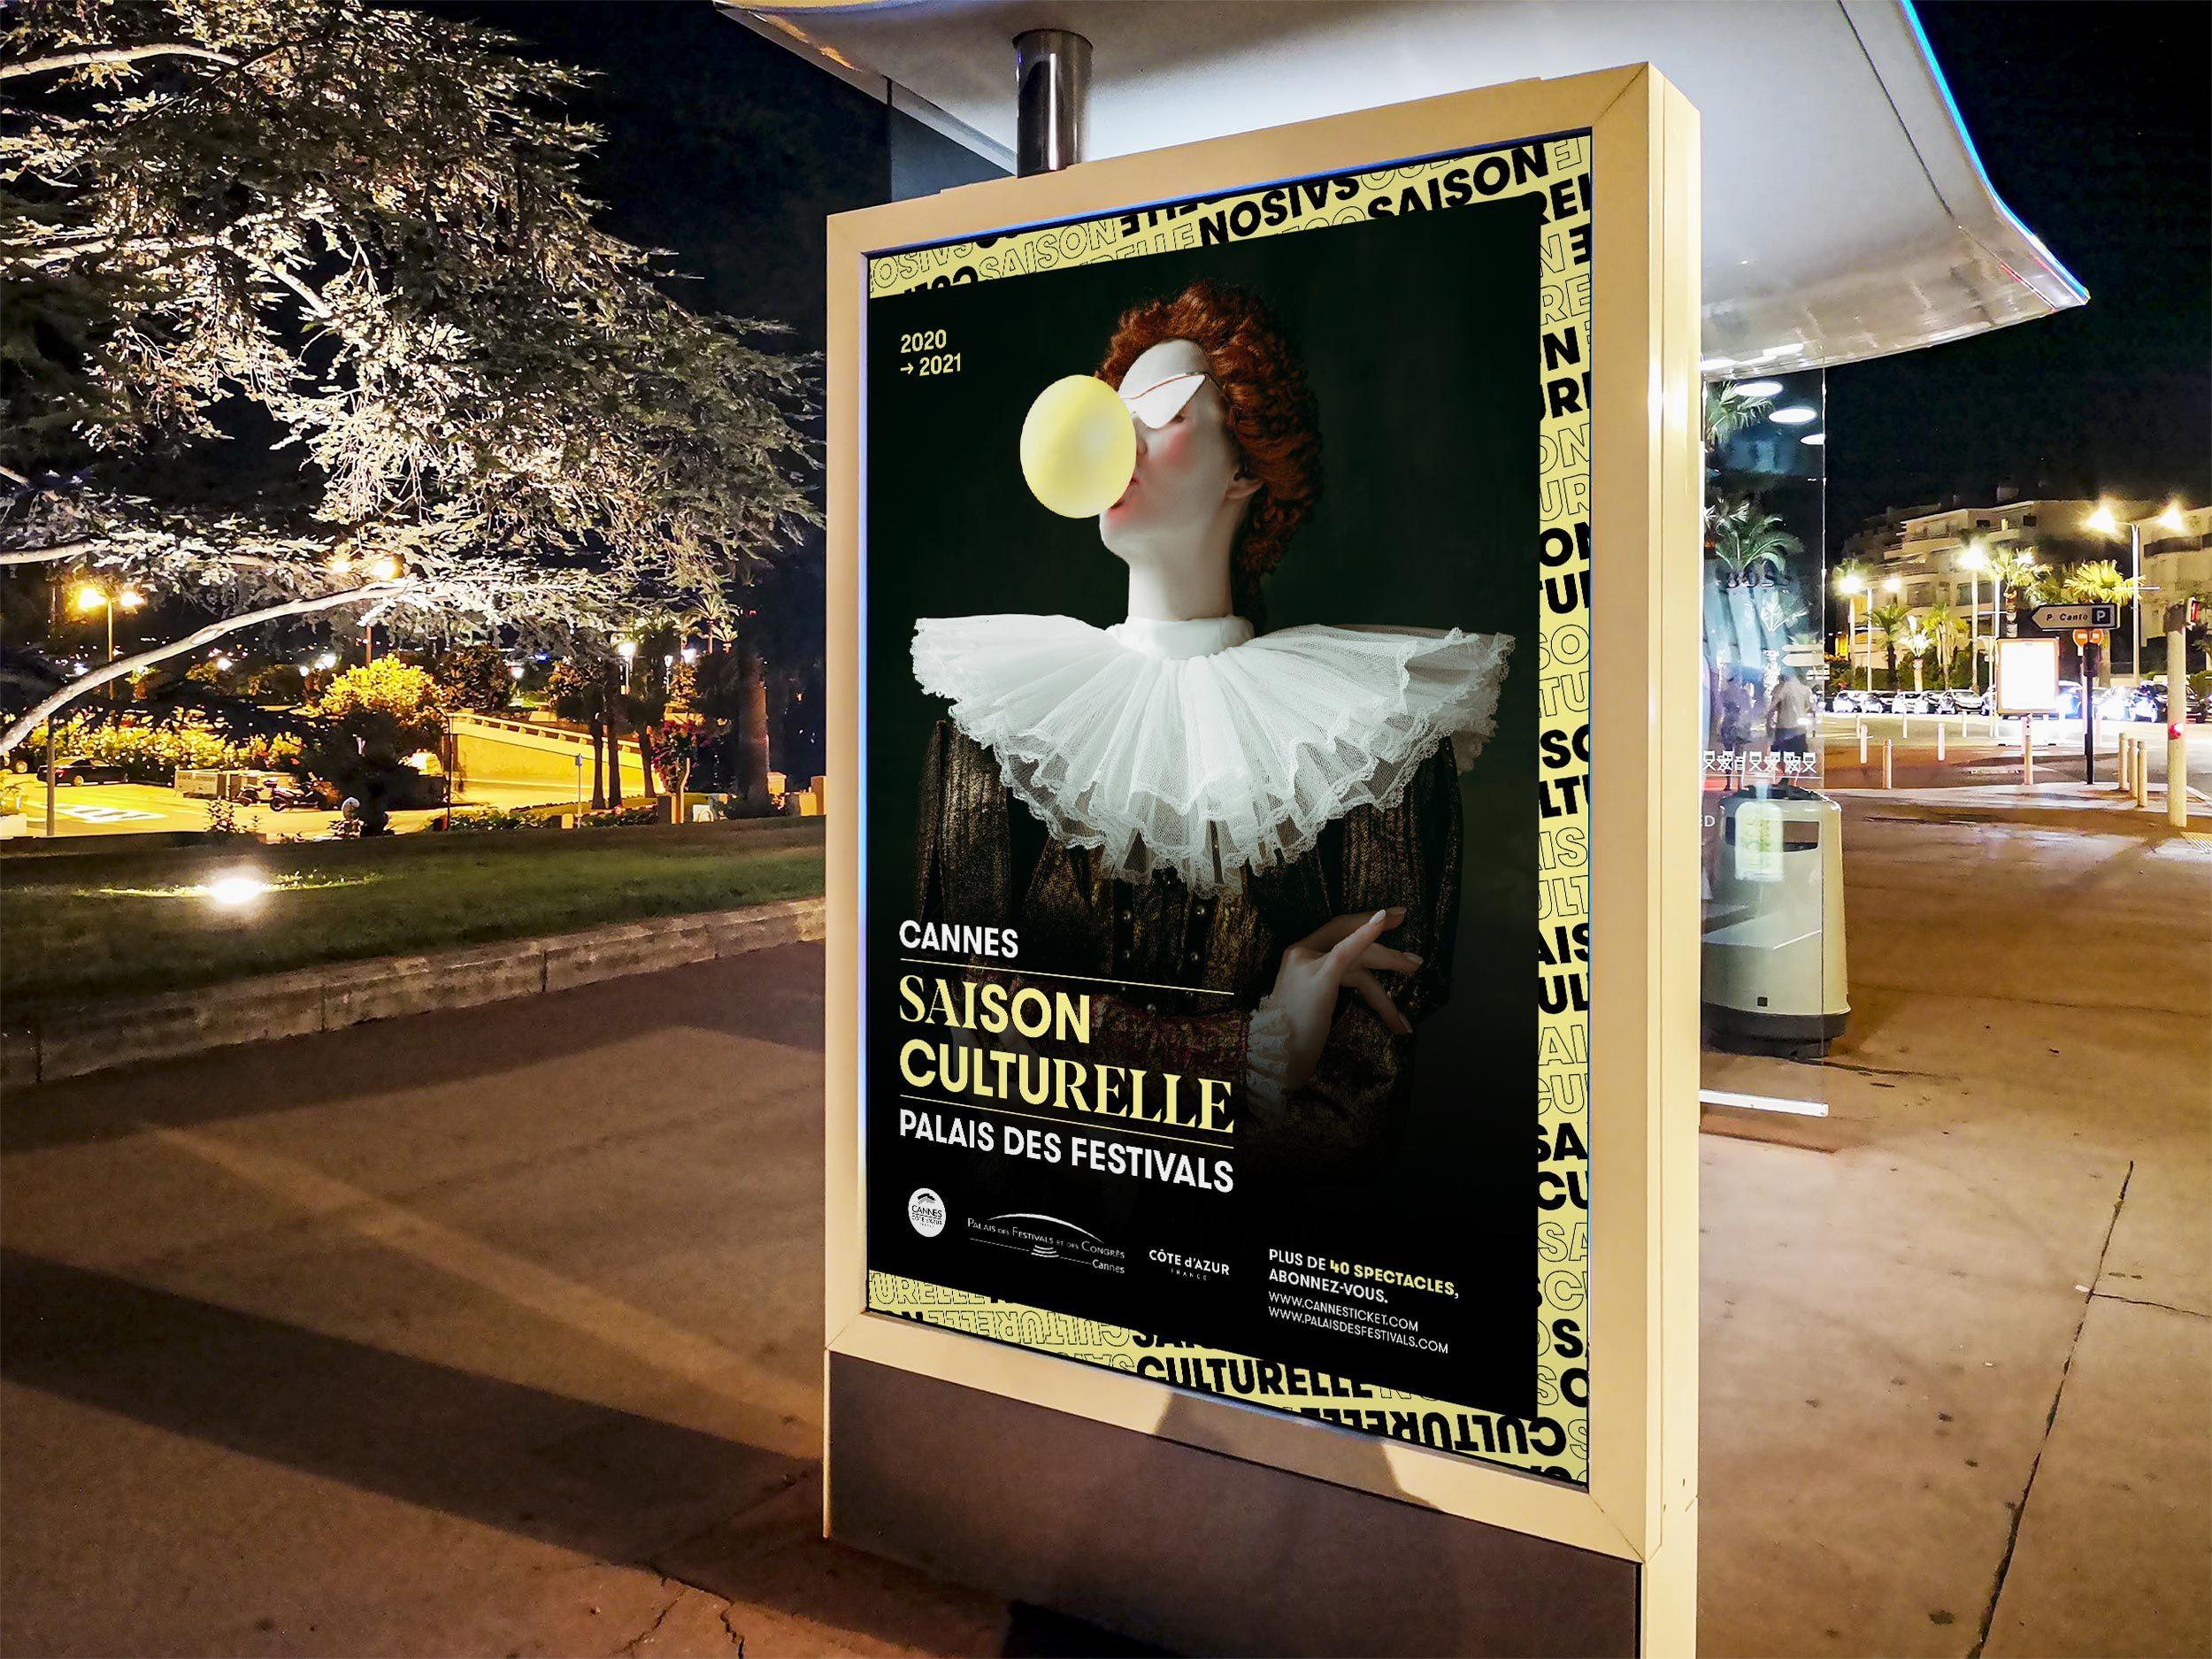 Palais Da Saison Culturelle Abris Bus Cannes 2